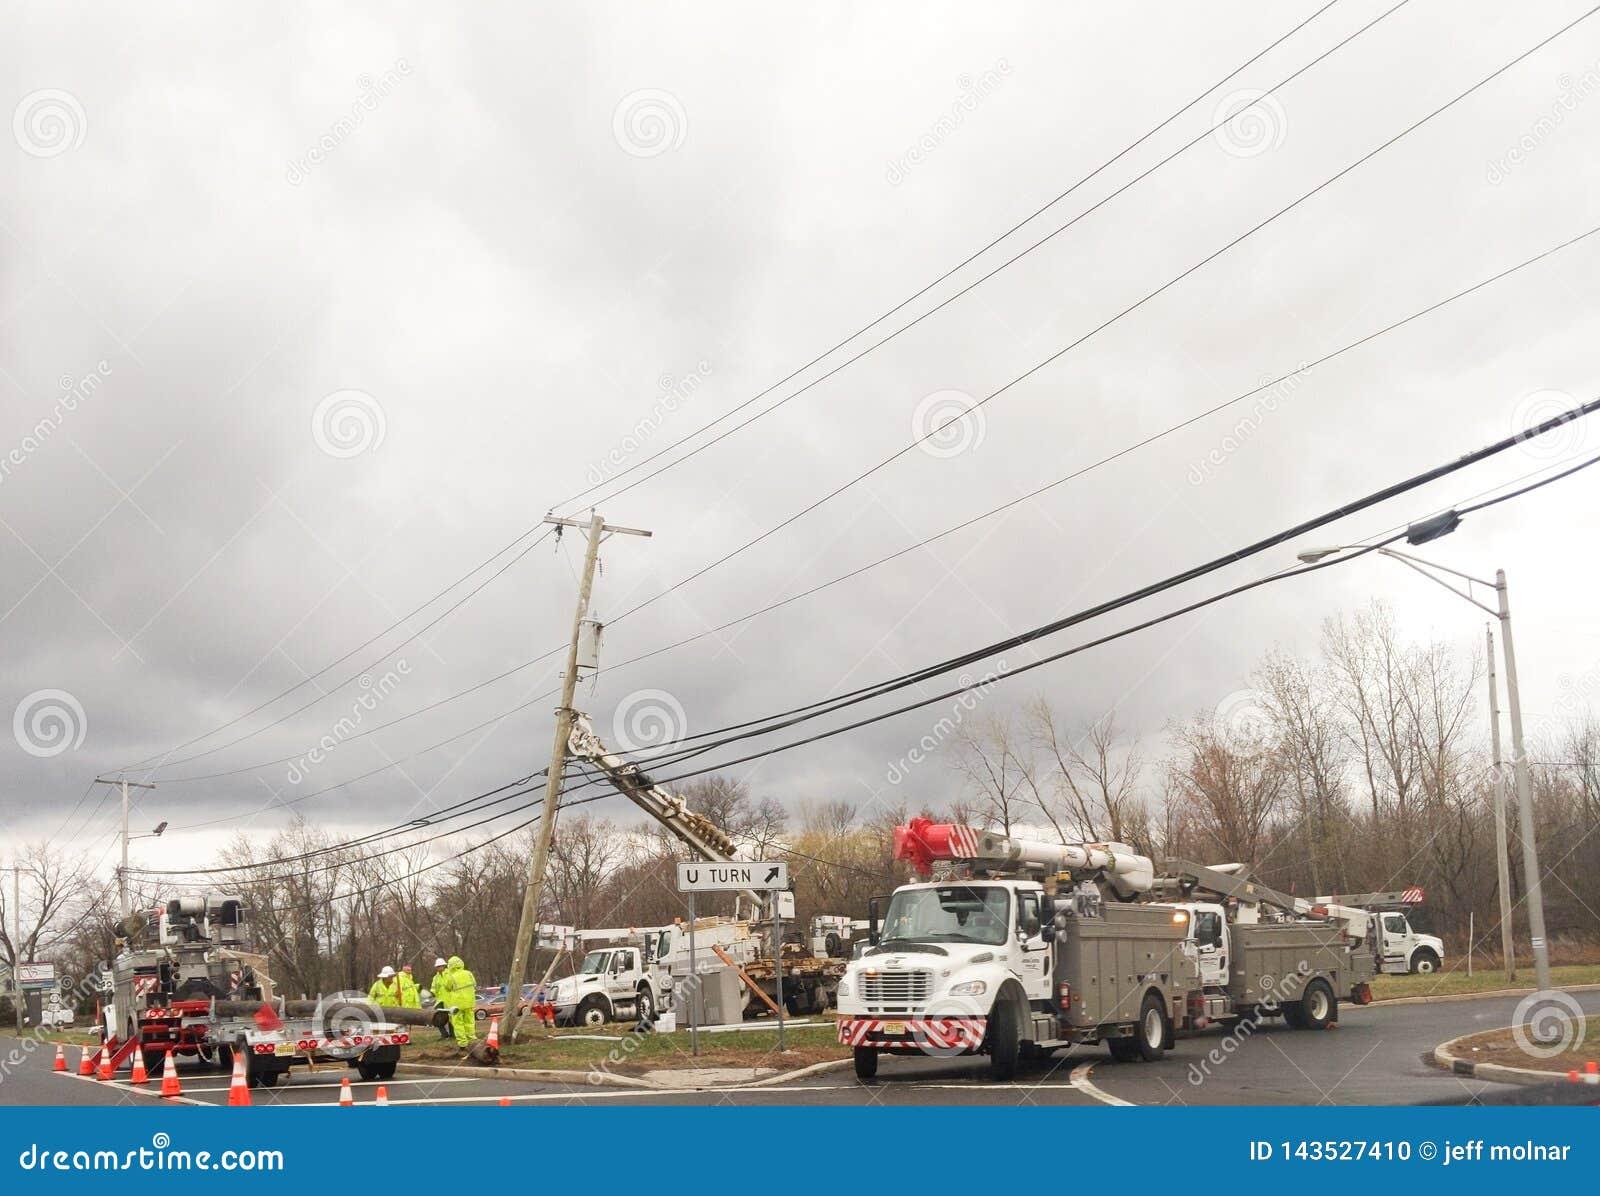 Wayne, New Jersey, U.S.A. 03/31/2019: Immagine del ackground degli impiegati dei servizi pubblici